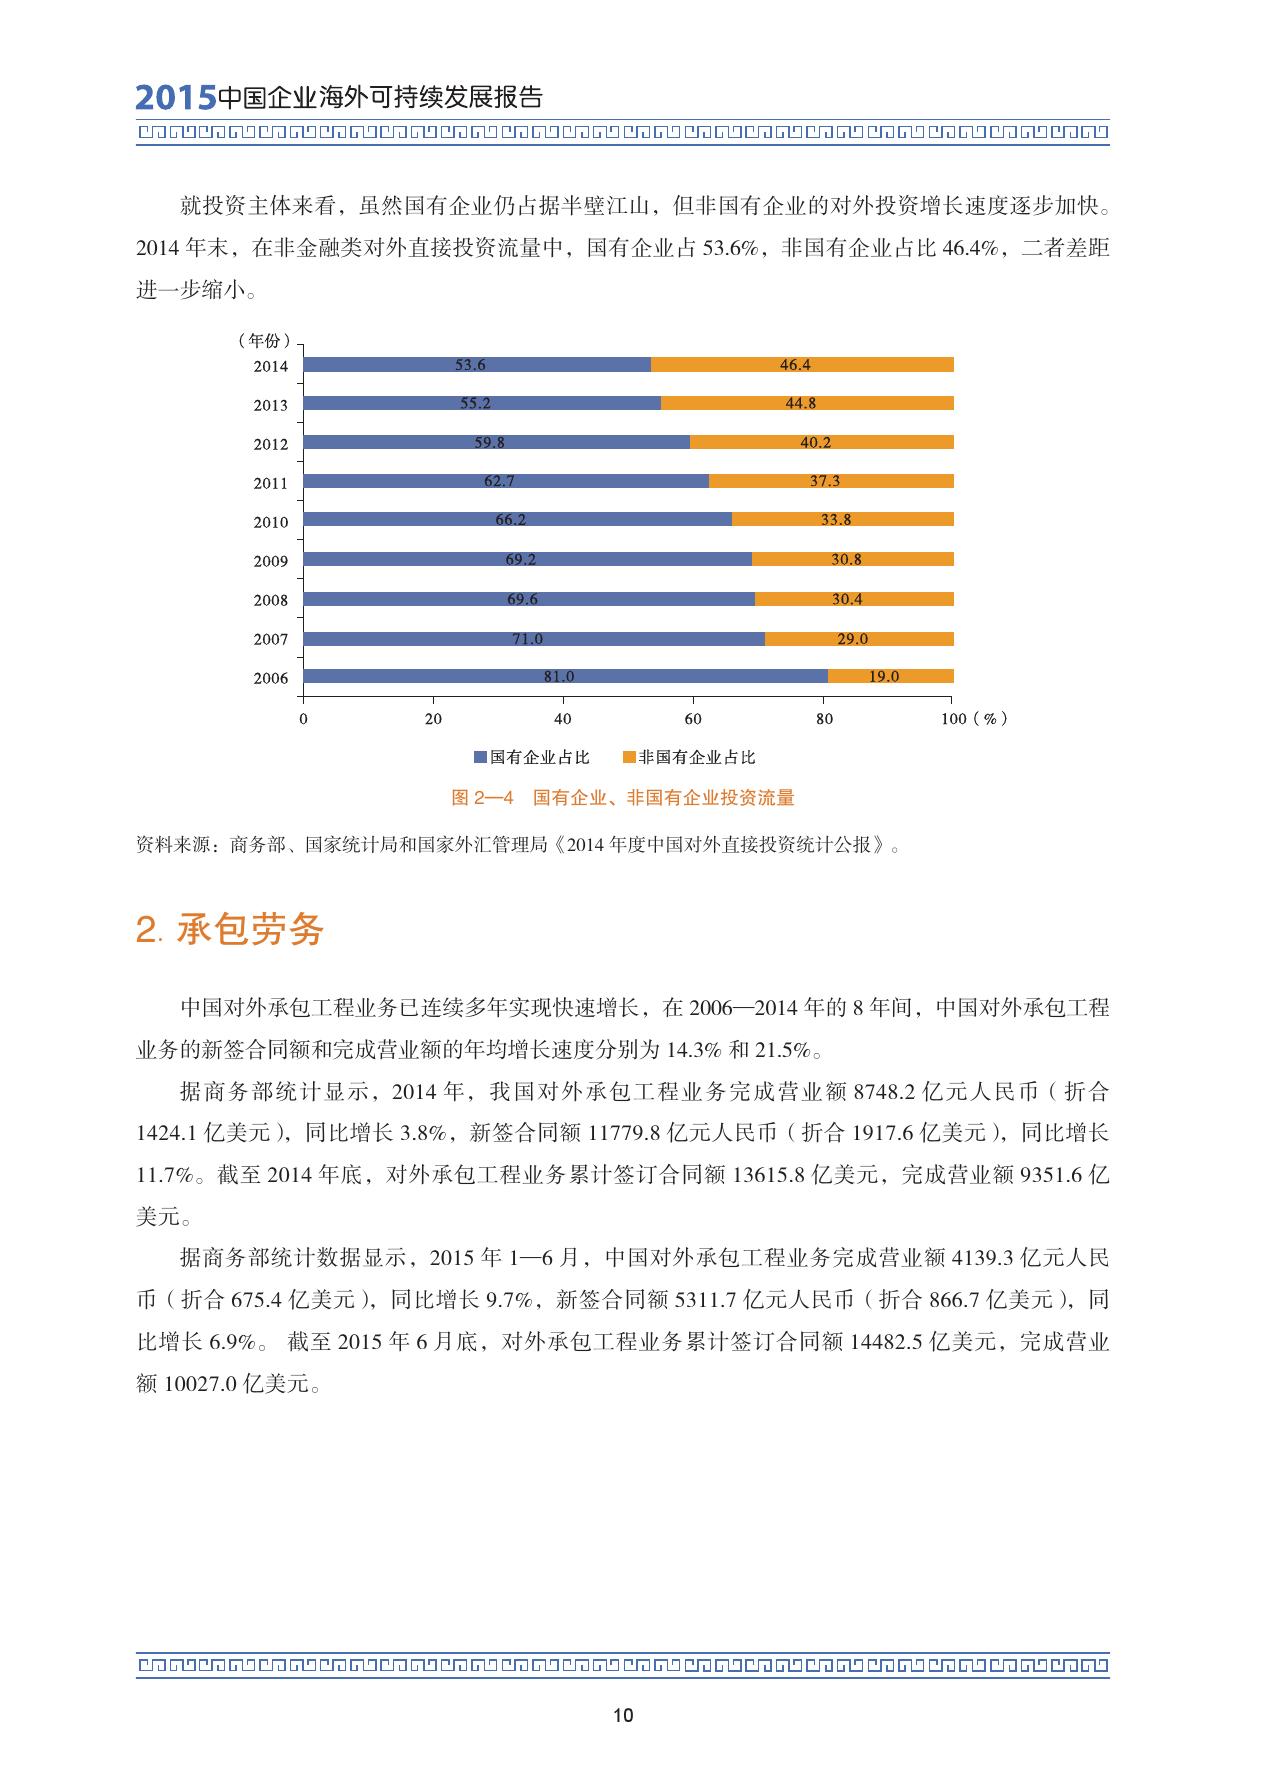 2015中国企业海外可持续发展报告_000024